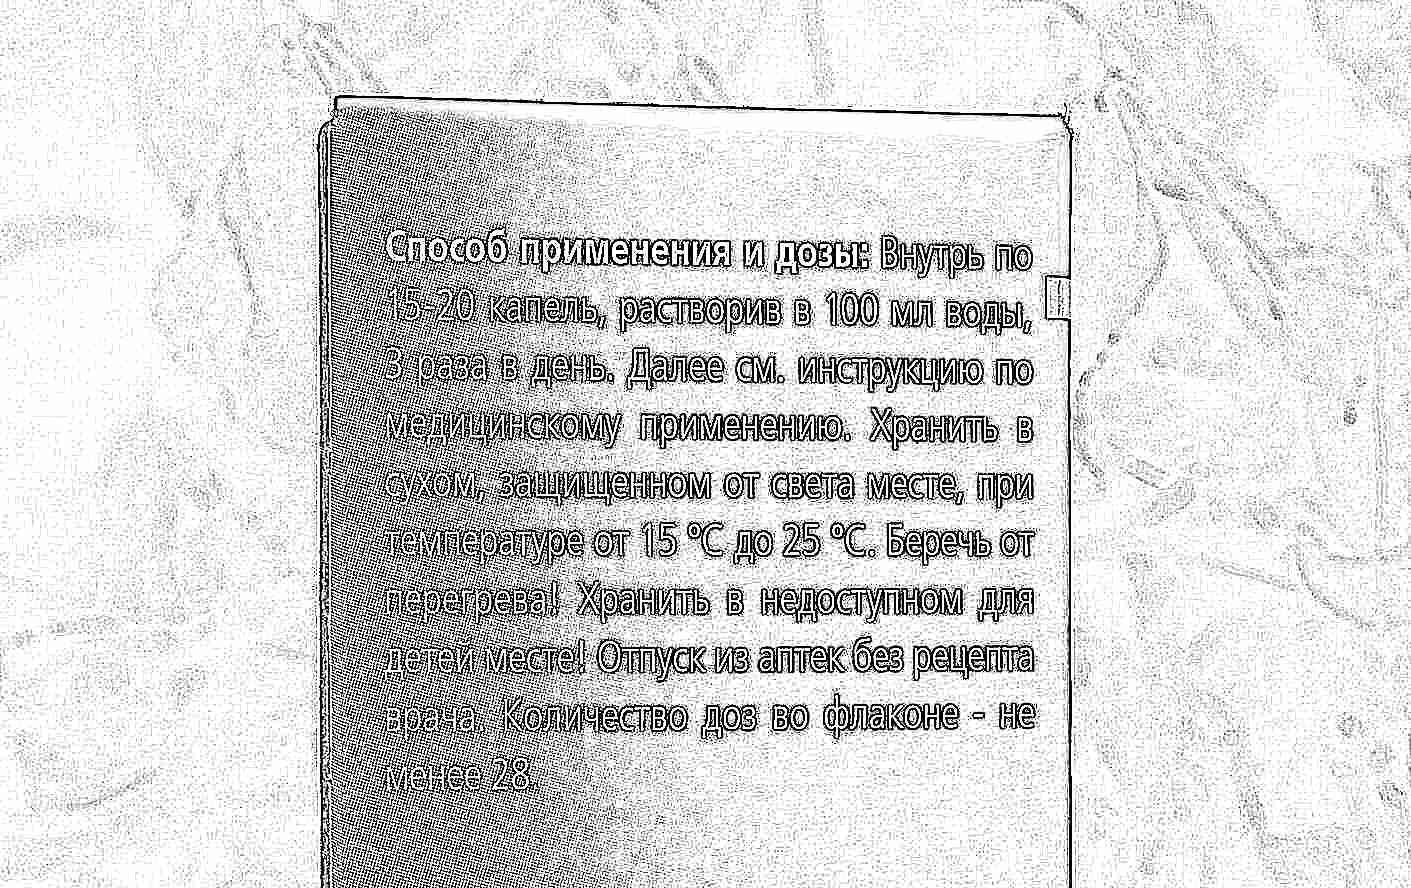 Инструкция по применению лимфомиозот